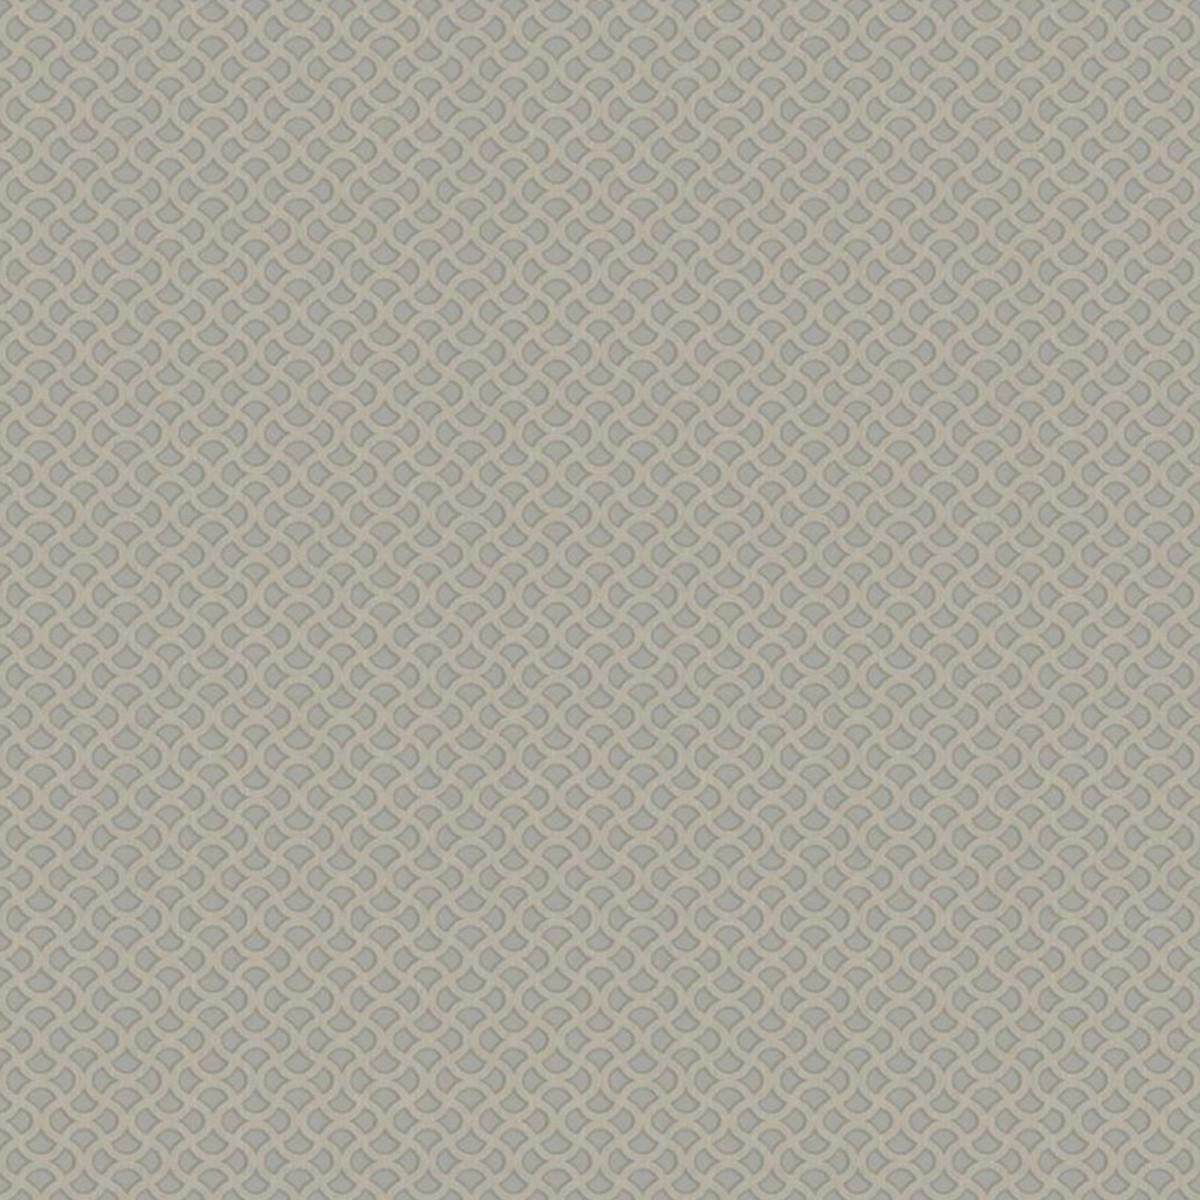 Обои флизелиновые Marburg Empire серые 1.06 м 57559